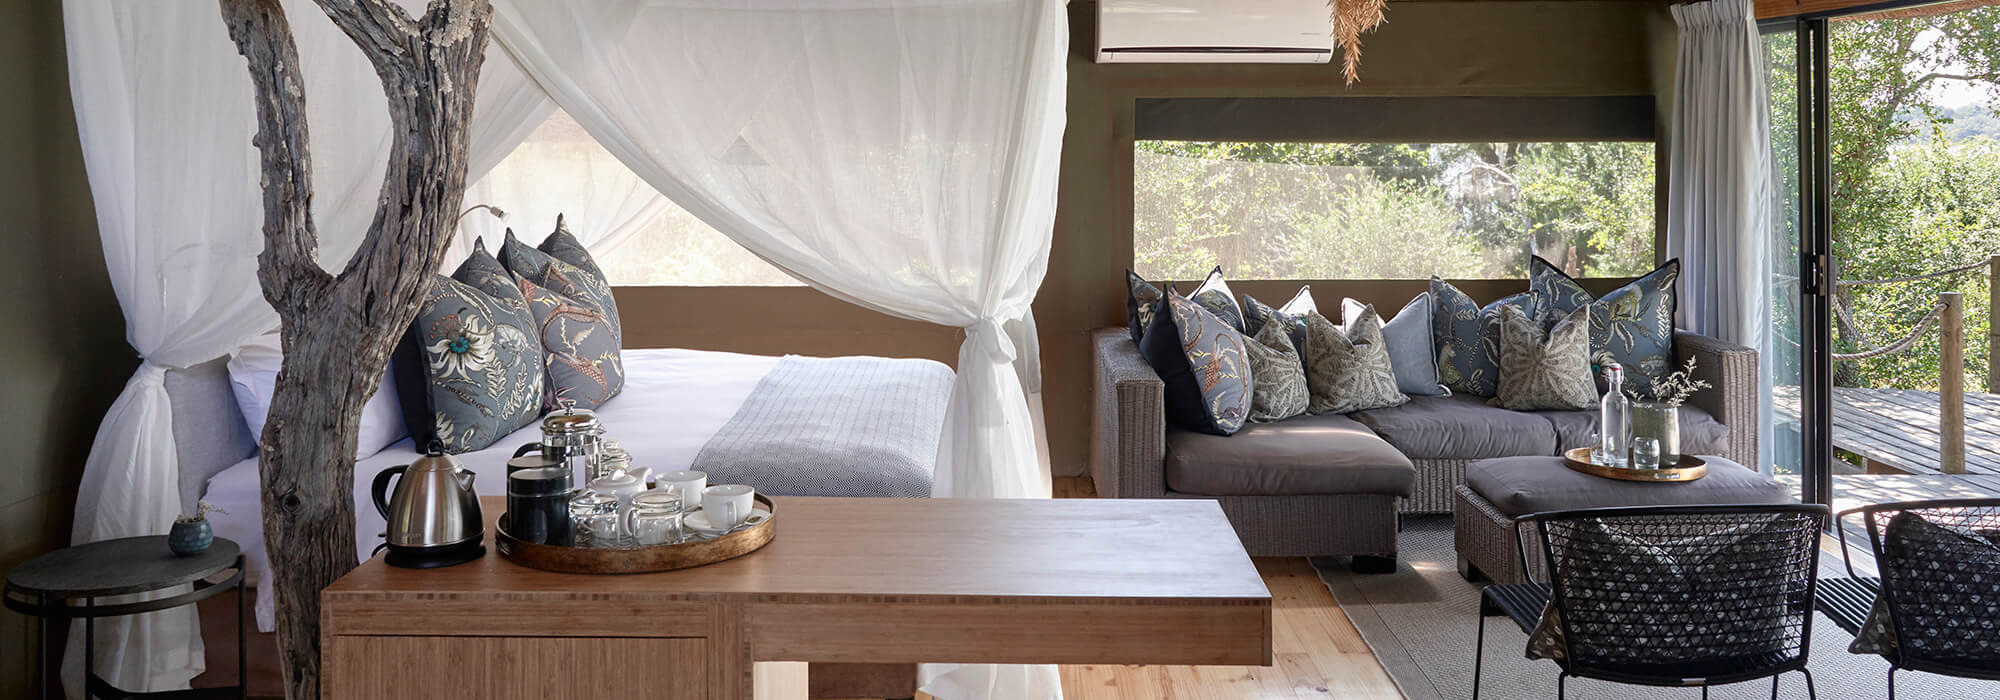 Victoria Falls River Lodge Tent